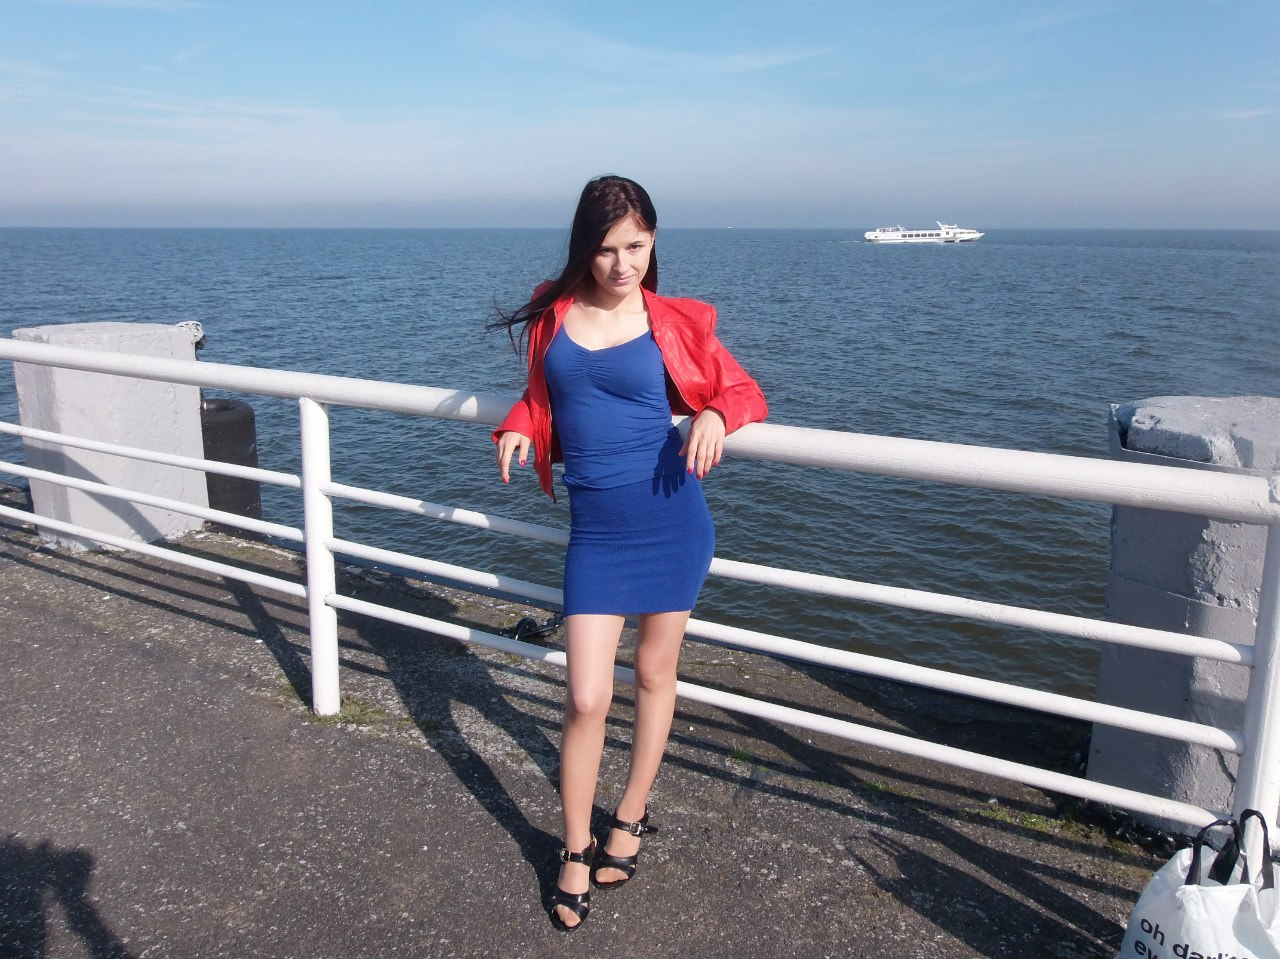 Стройная брюнетка на фоне реки в синем платье